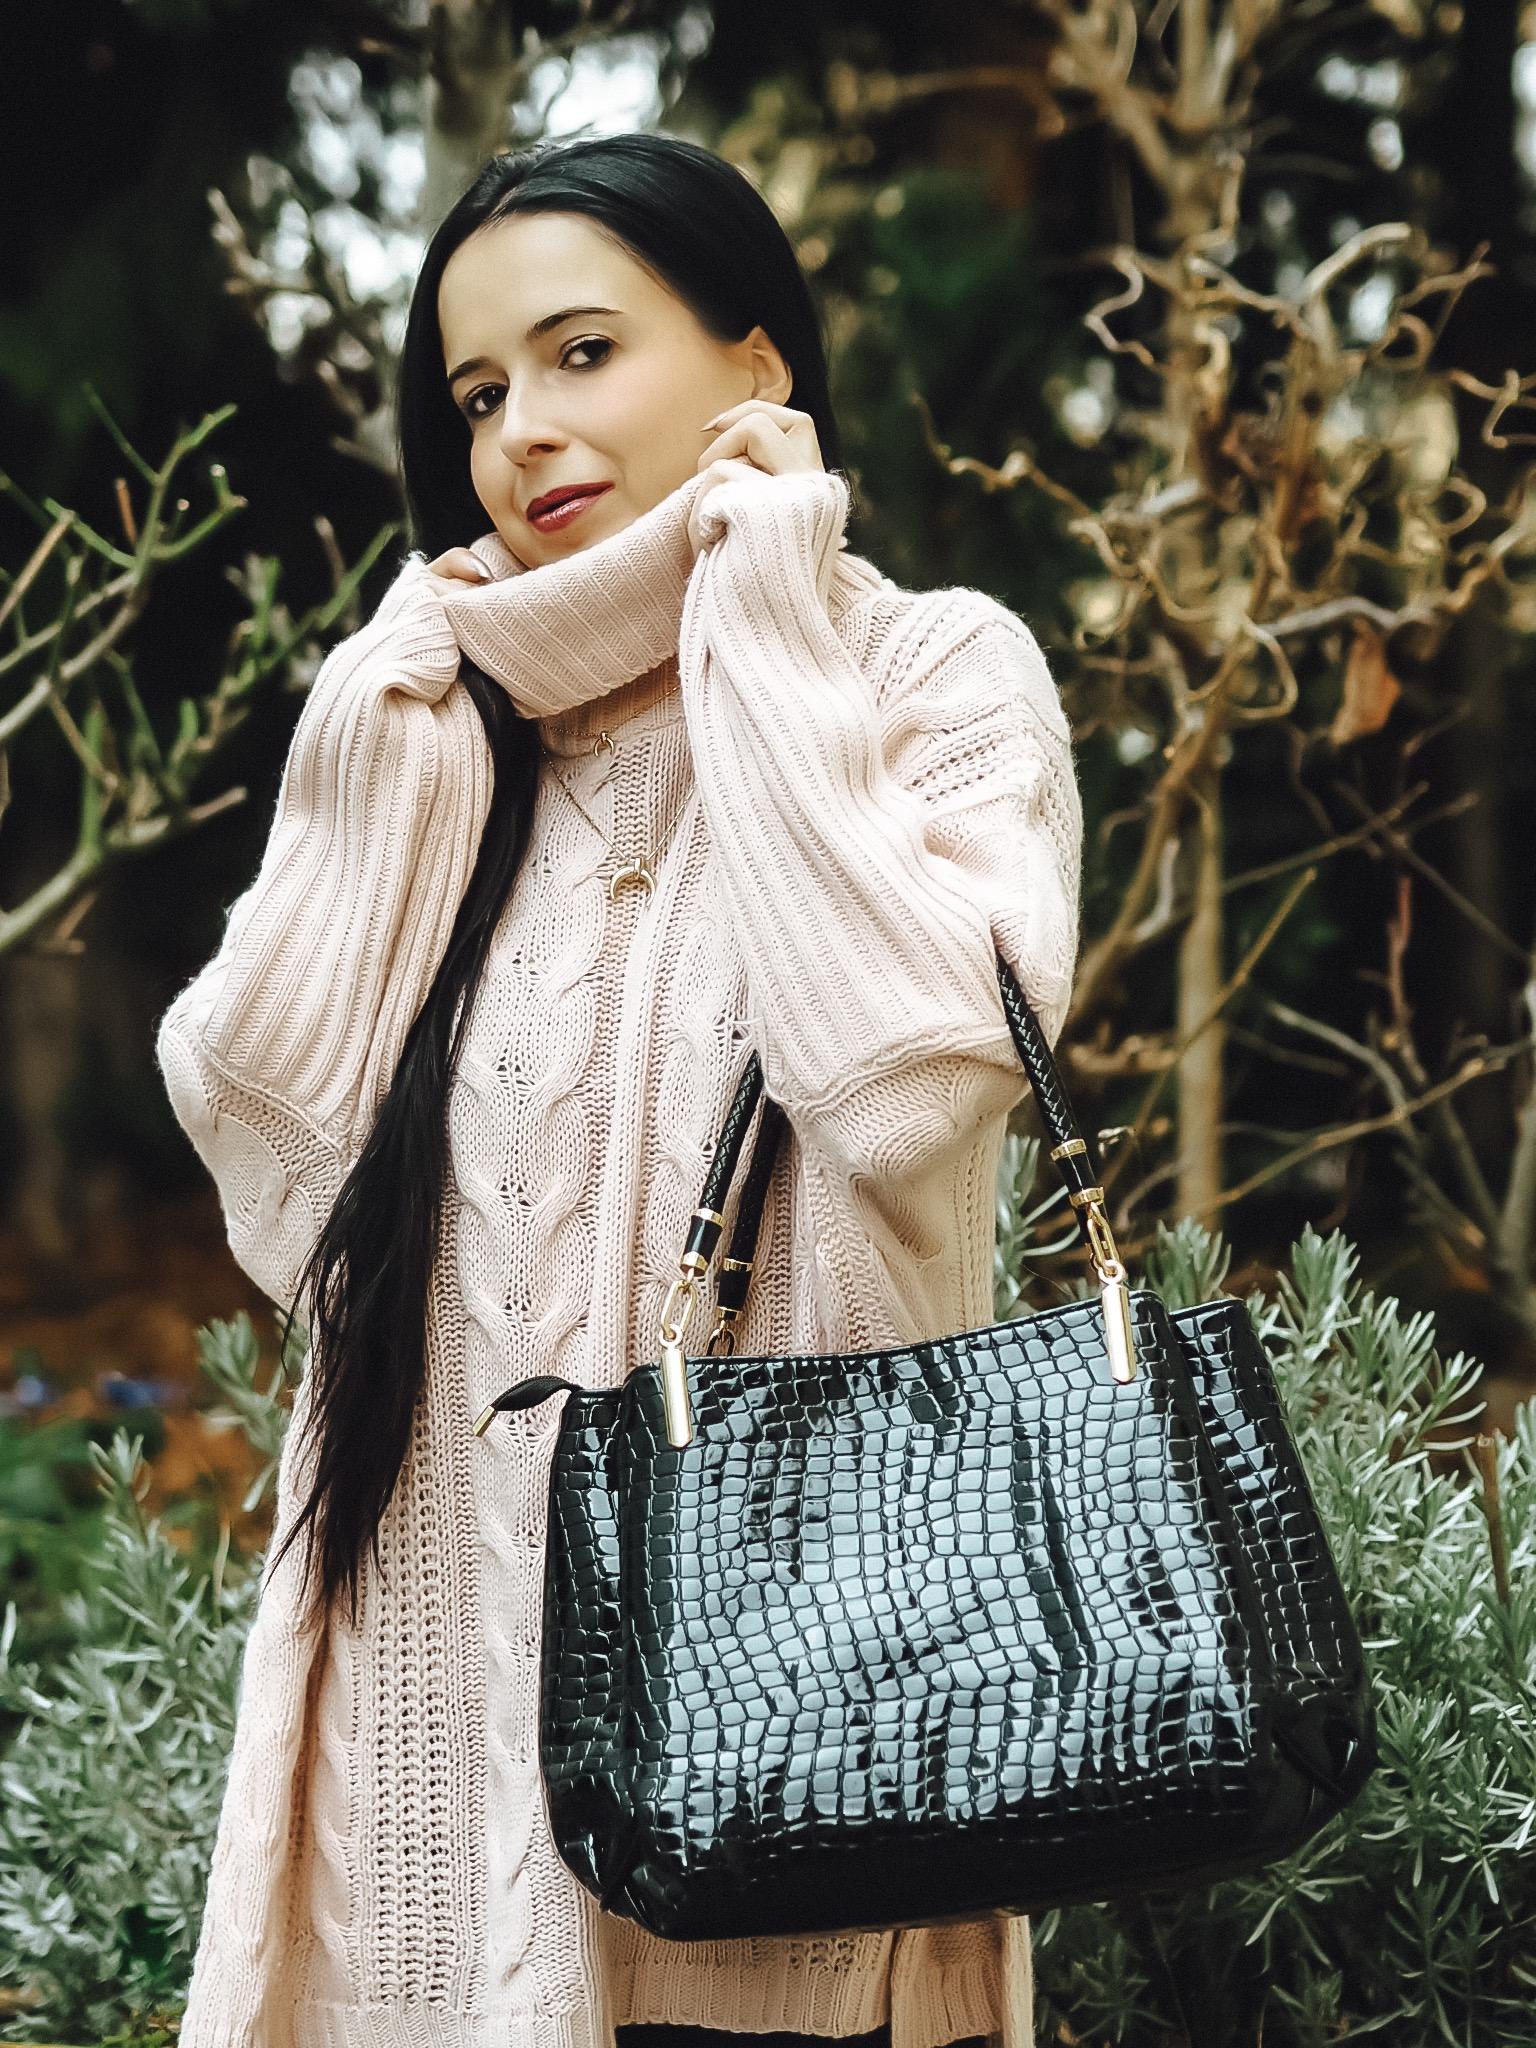 Femmeluxefinery bietet euch stylische Mode zu erschwinglichen Preisen. Heute zeige ich euch meine Top 5 - Pullover des kultigen Fashion Labels auf dem Blog.